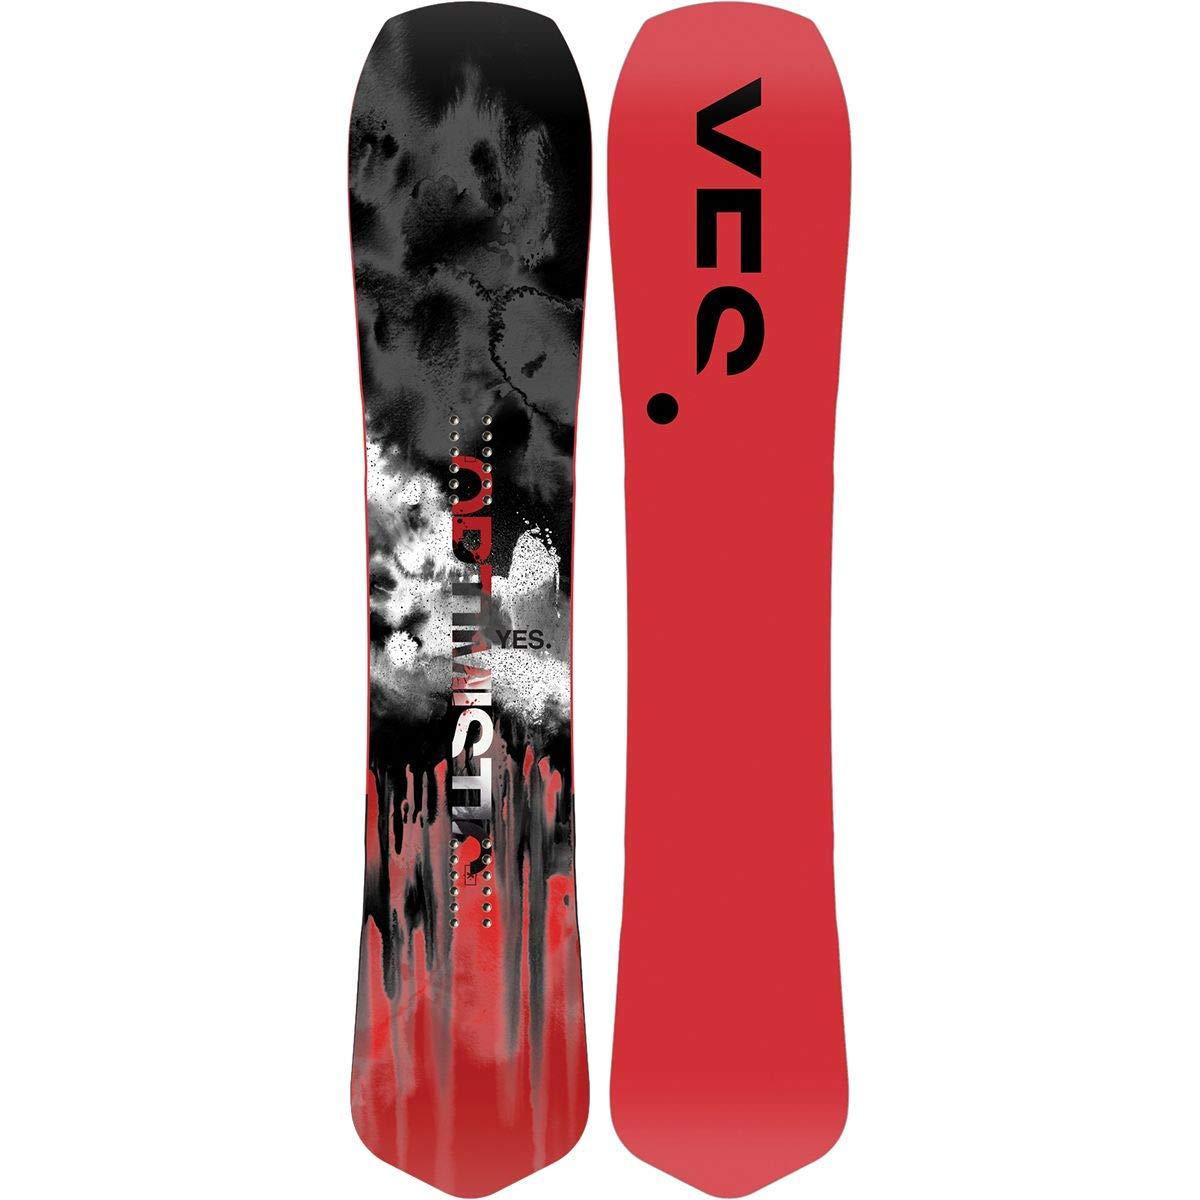 はい。 最適なスノーボード。 B07H9BKDP4  1色 151cm